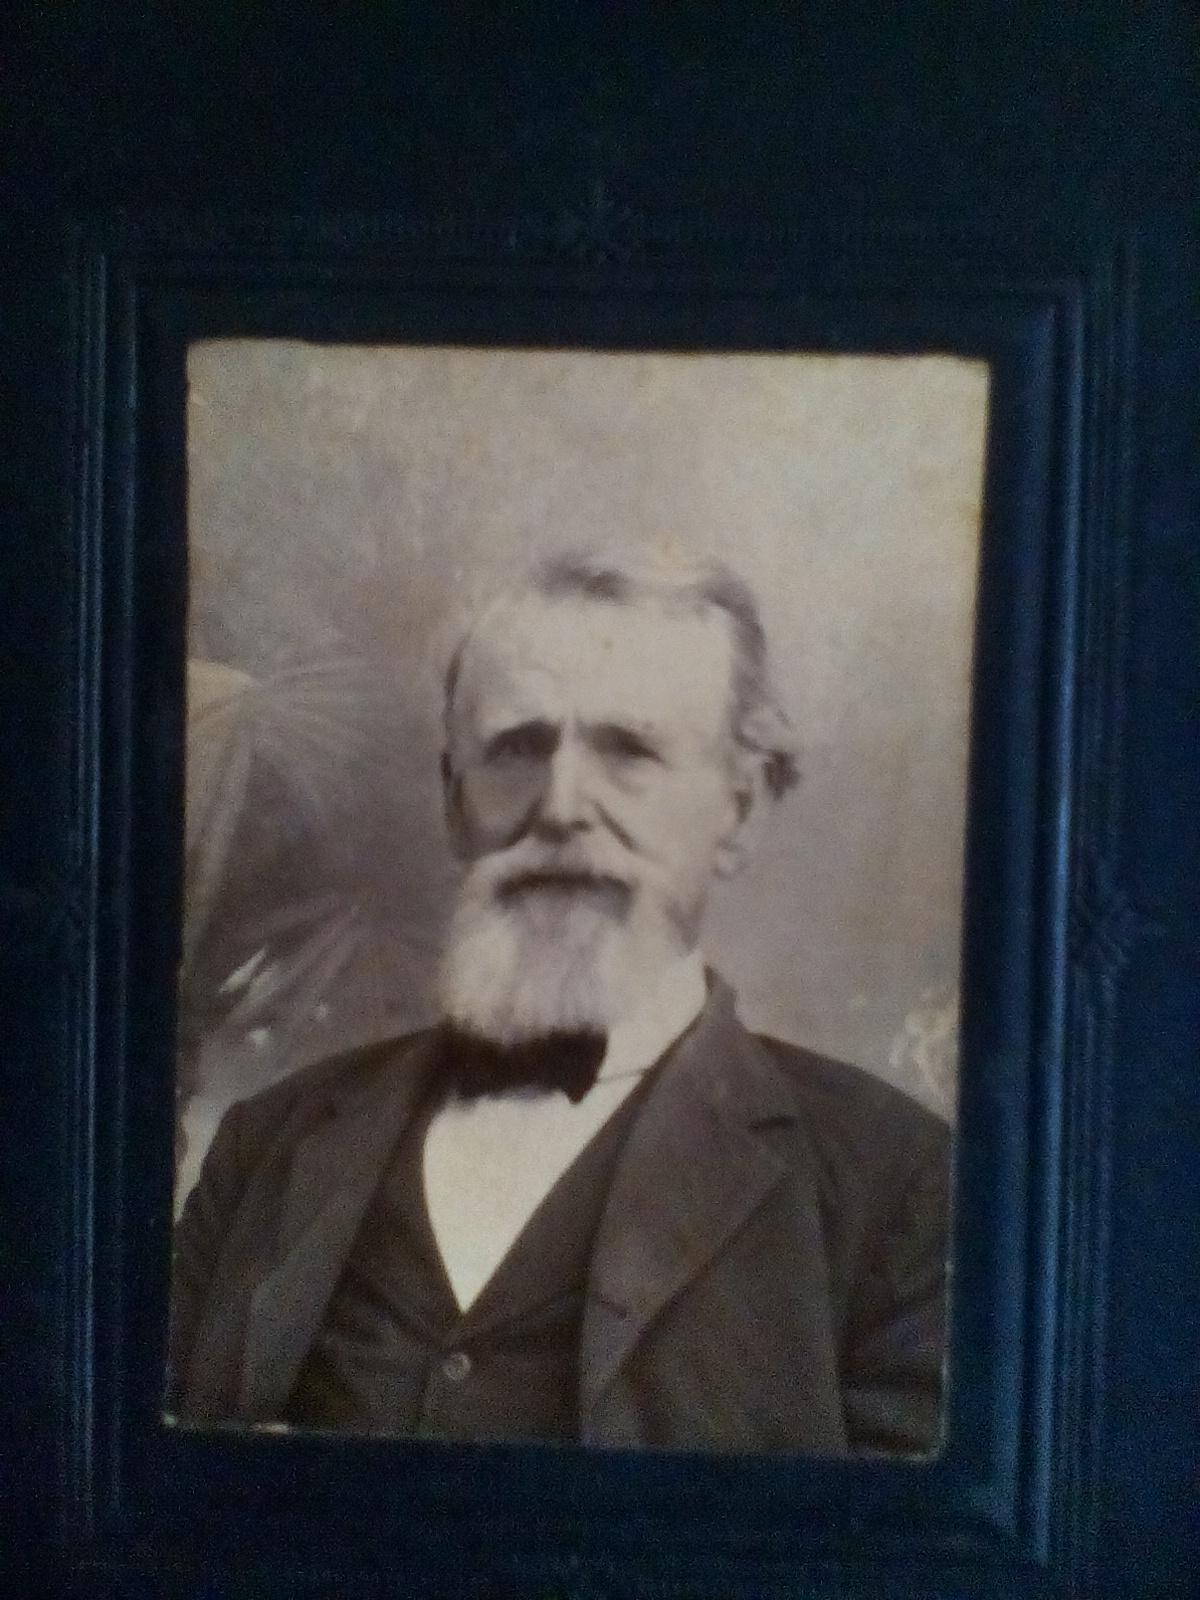 William Clemons Spears